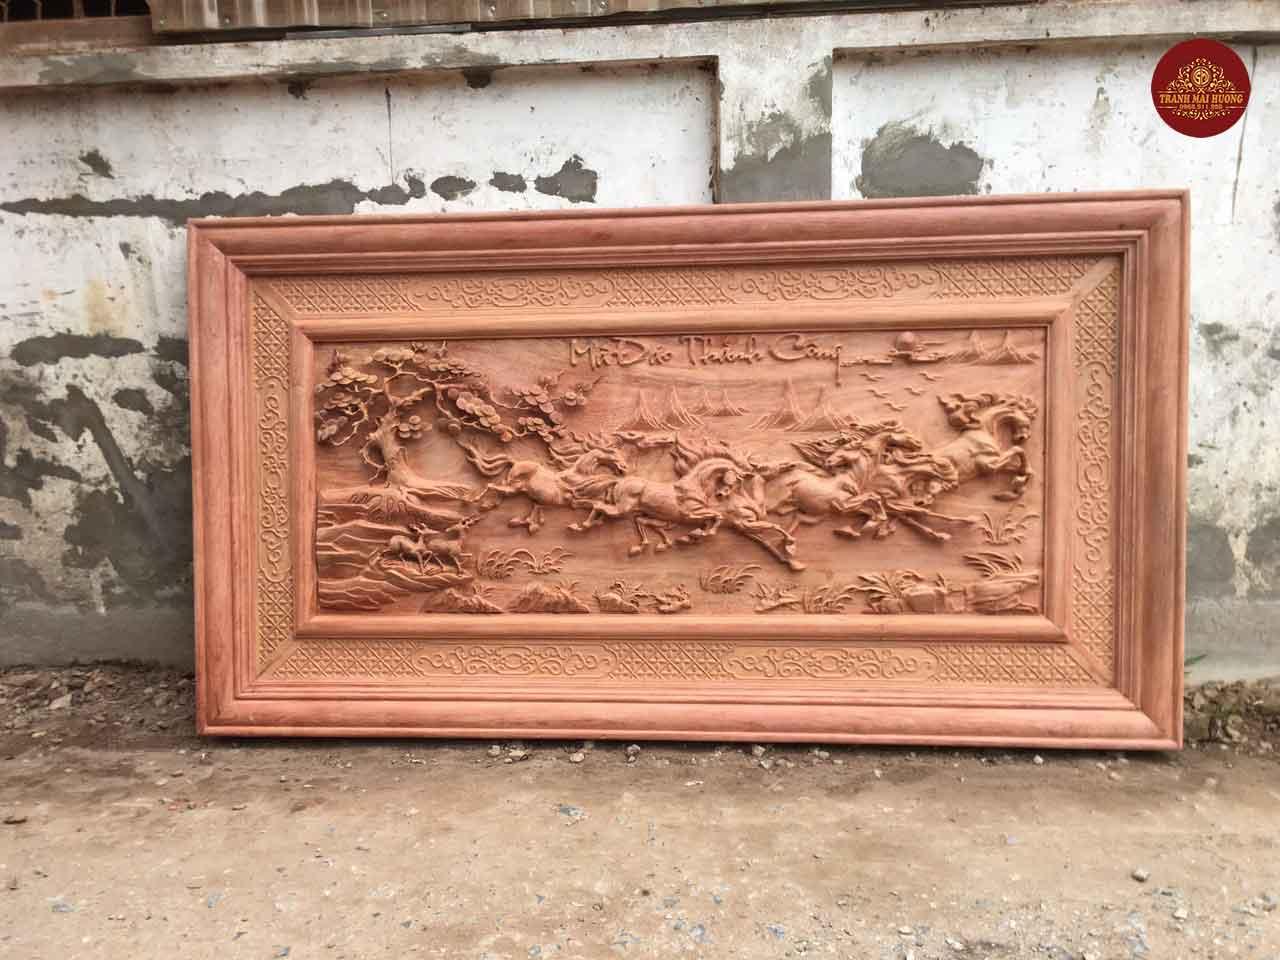 Tranh mã đáo thành công gỗ hương đá đục tay kênh bong. KT: 197x107x6